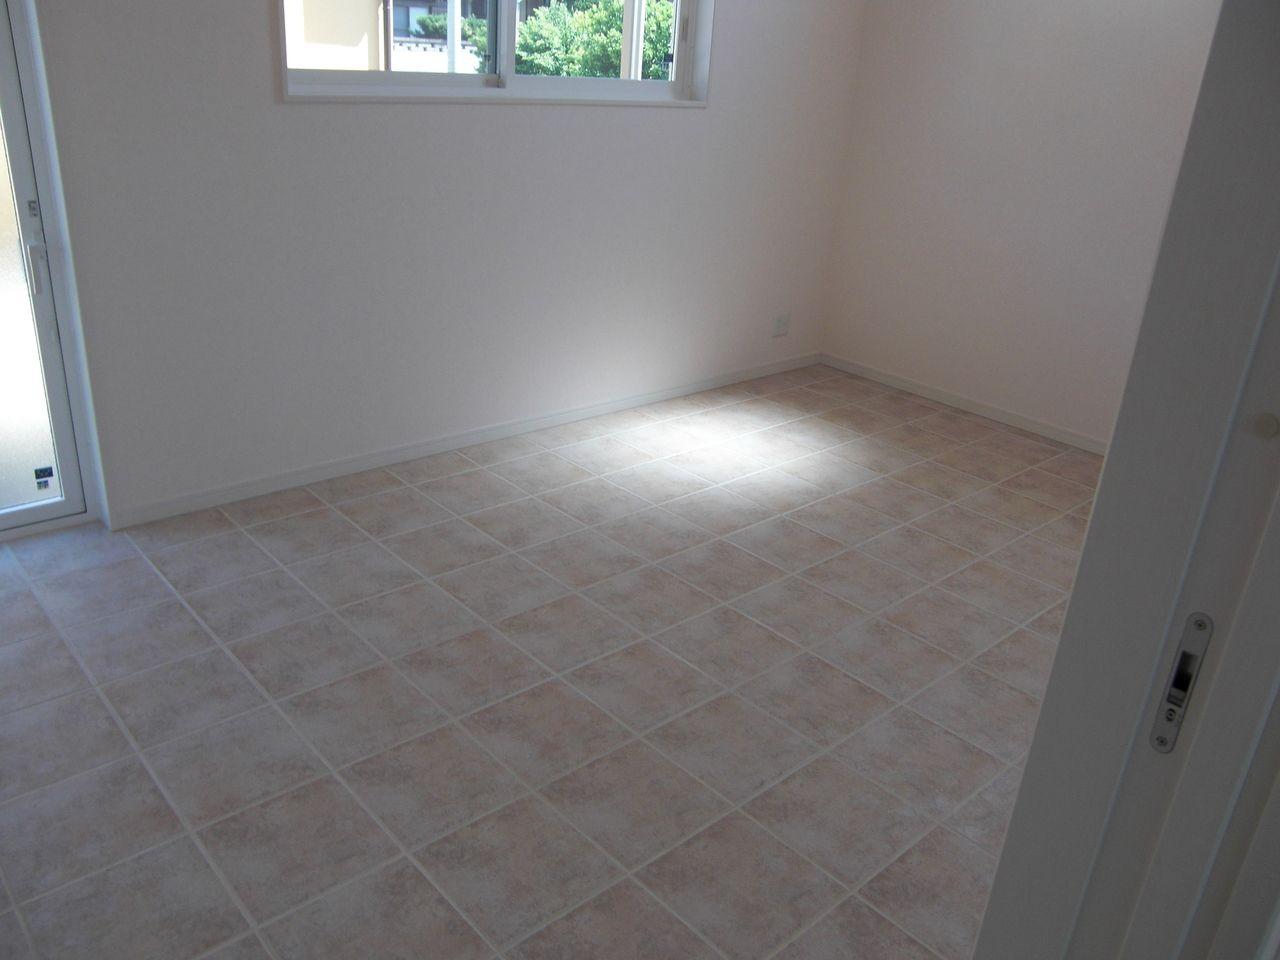 約8.2帖です。床暖房もあります。そして、このお部屋から外に出る扉もあります。